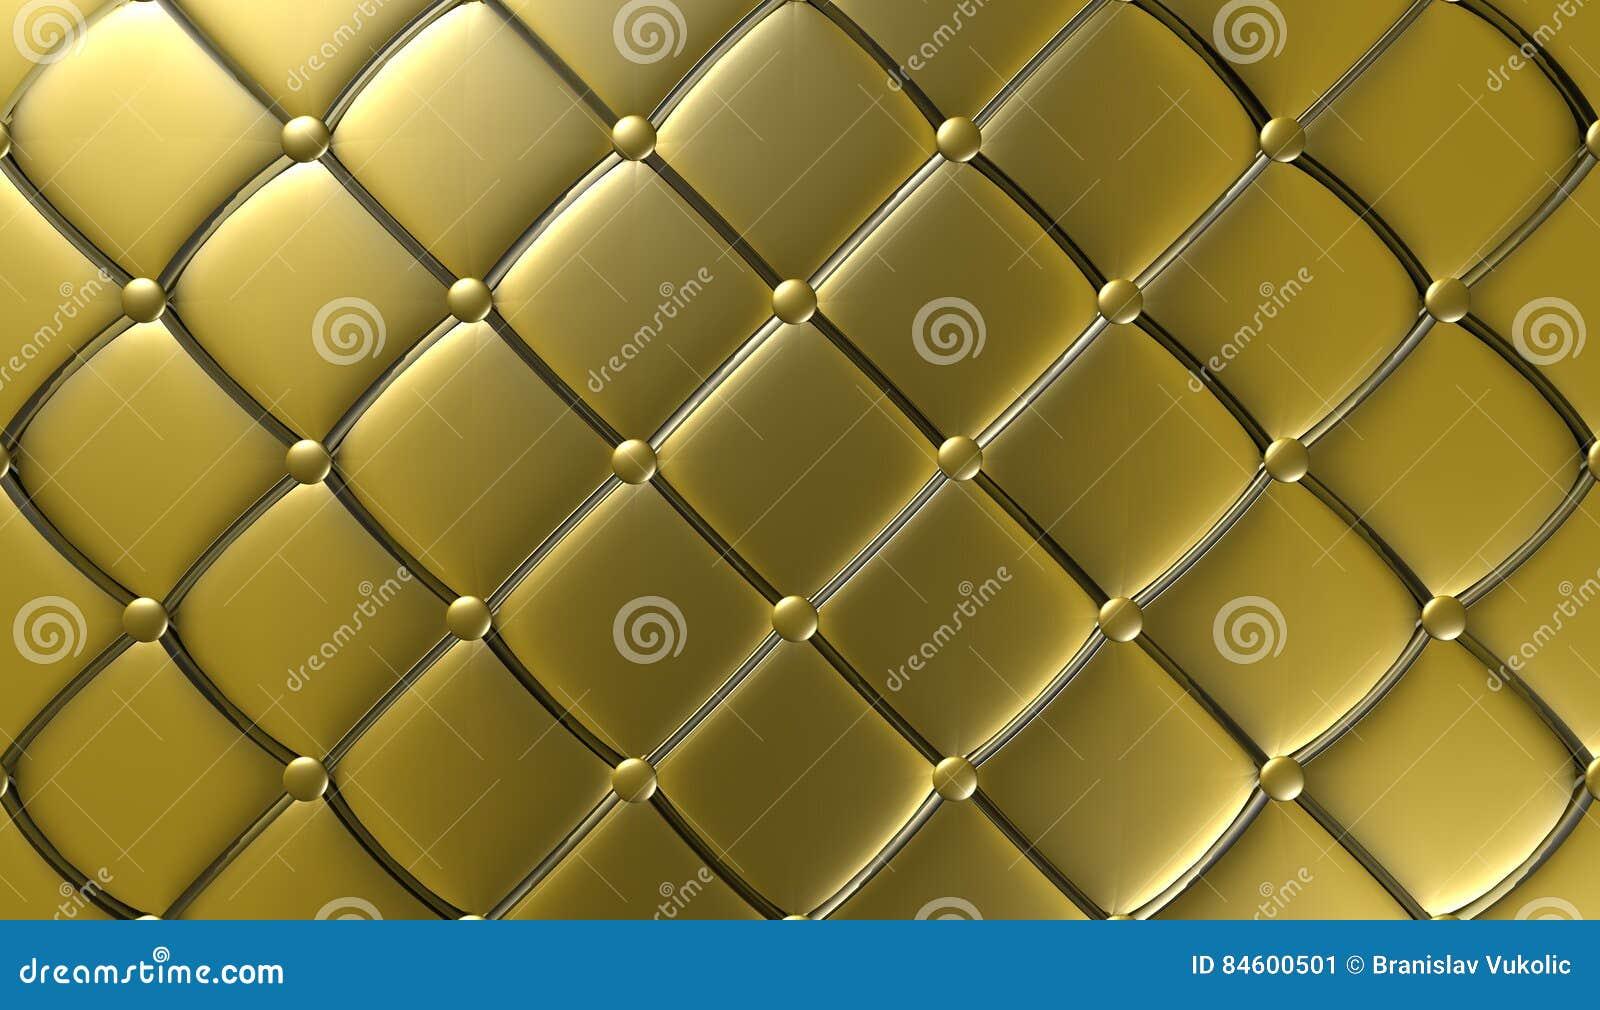 Meubilair van het luxe het gouden leer, behang, illustratie